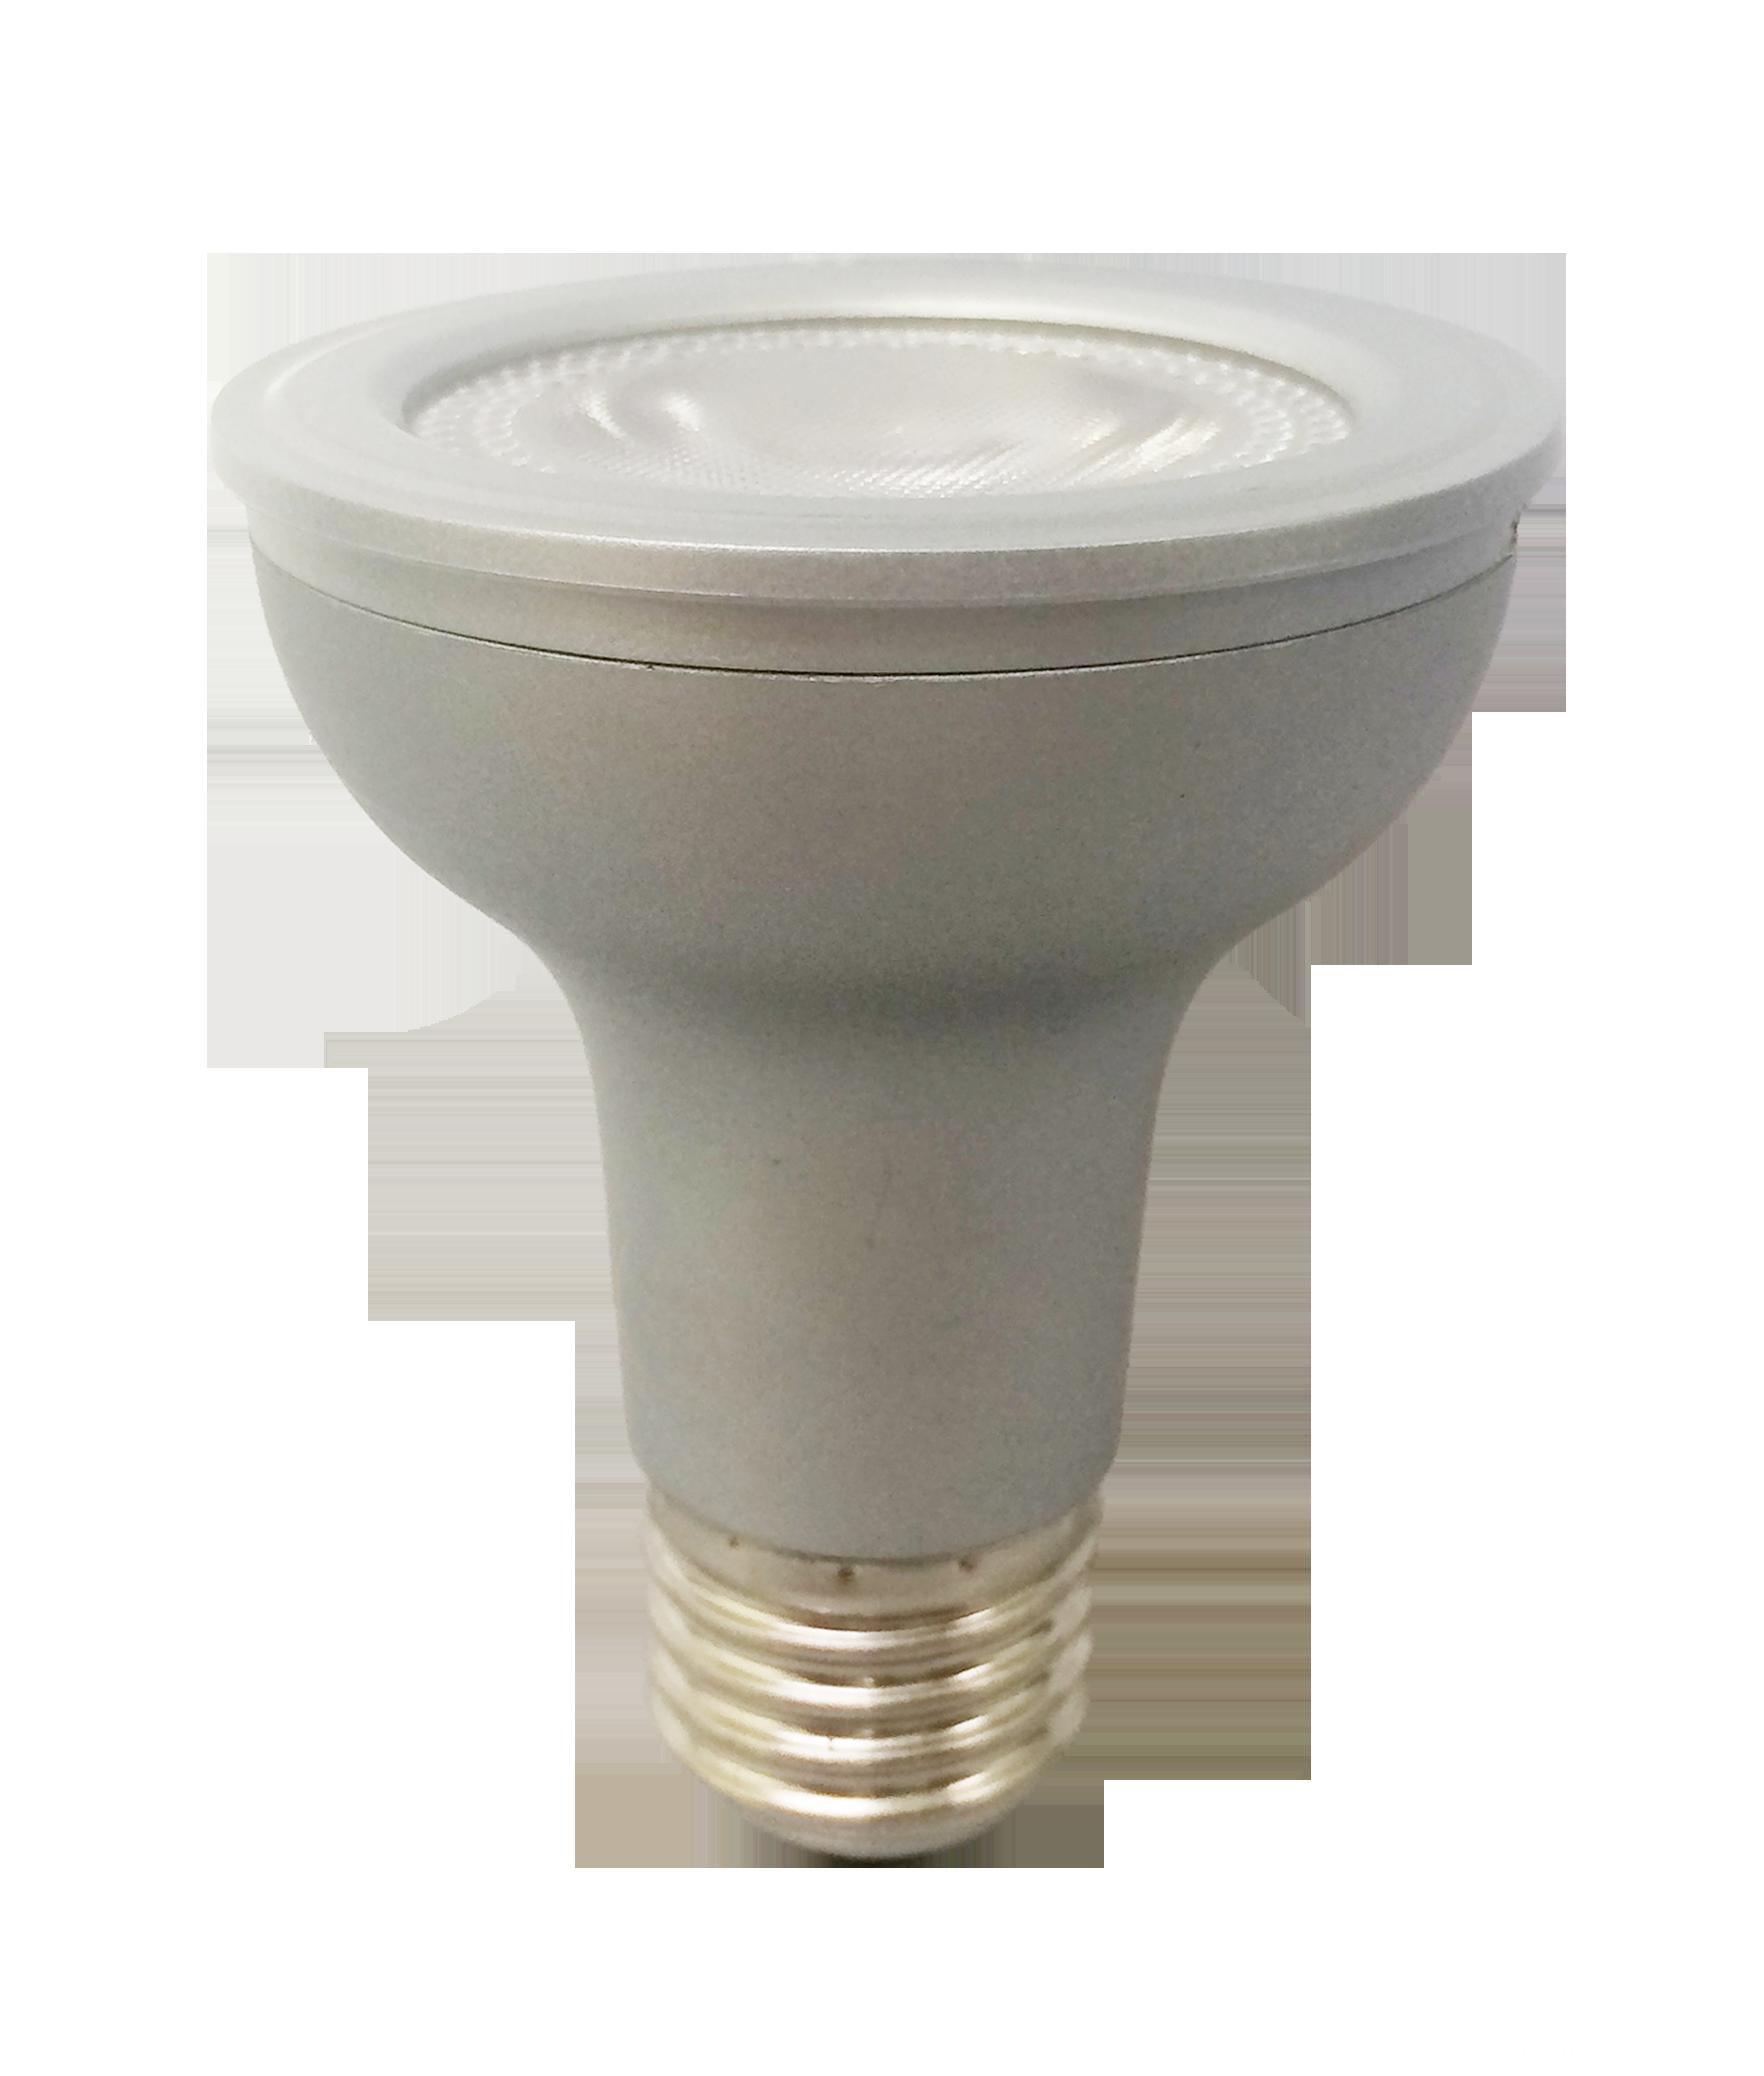 PAR16 7w DIM led spot light